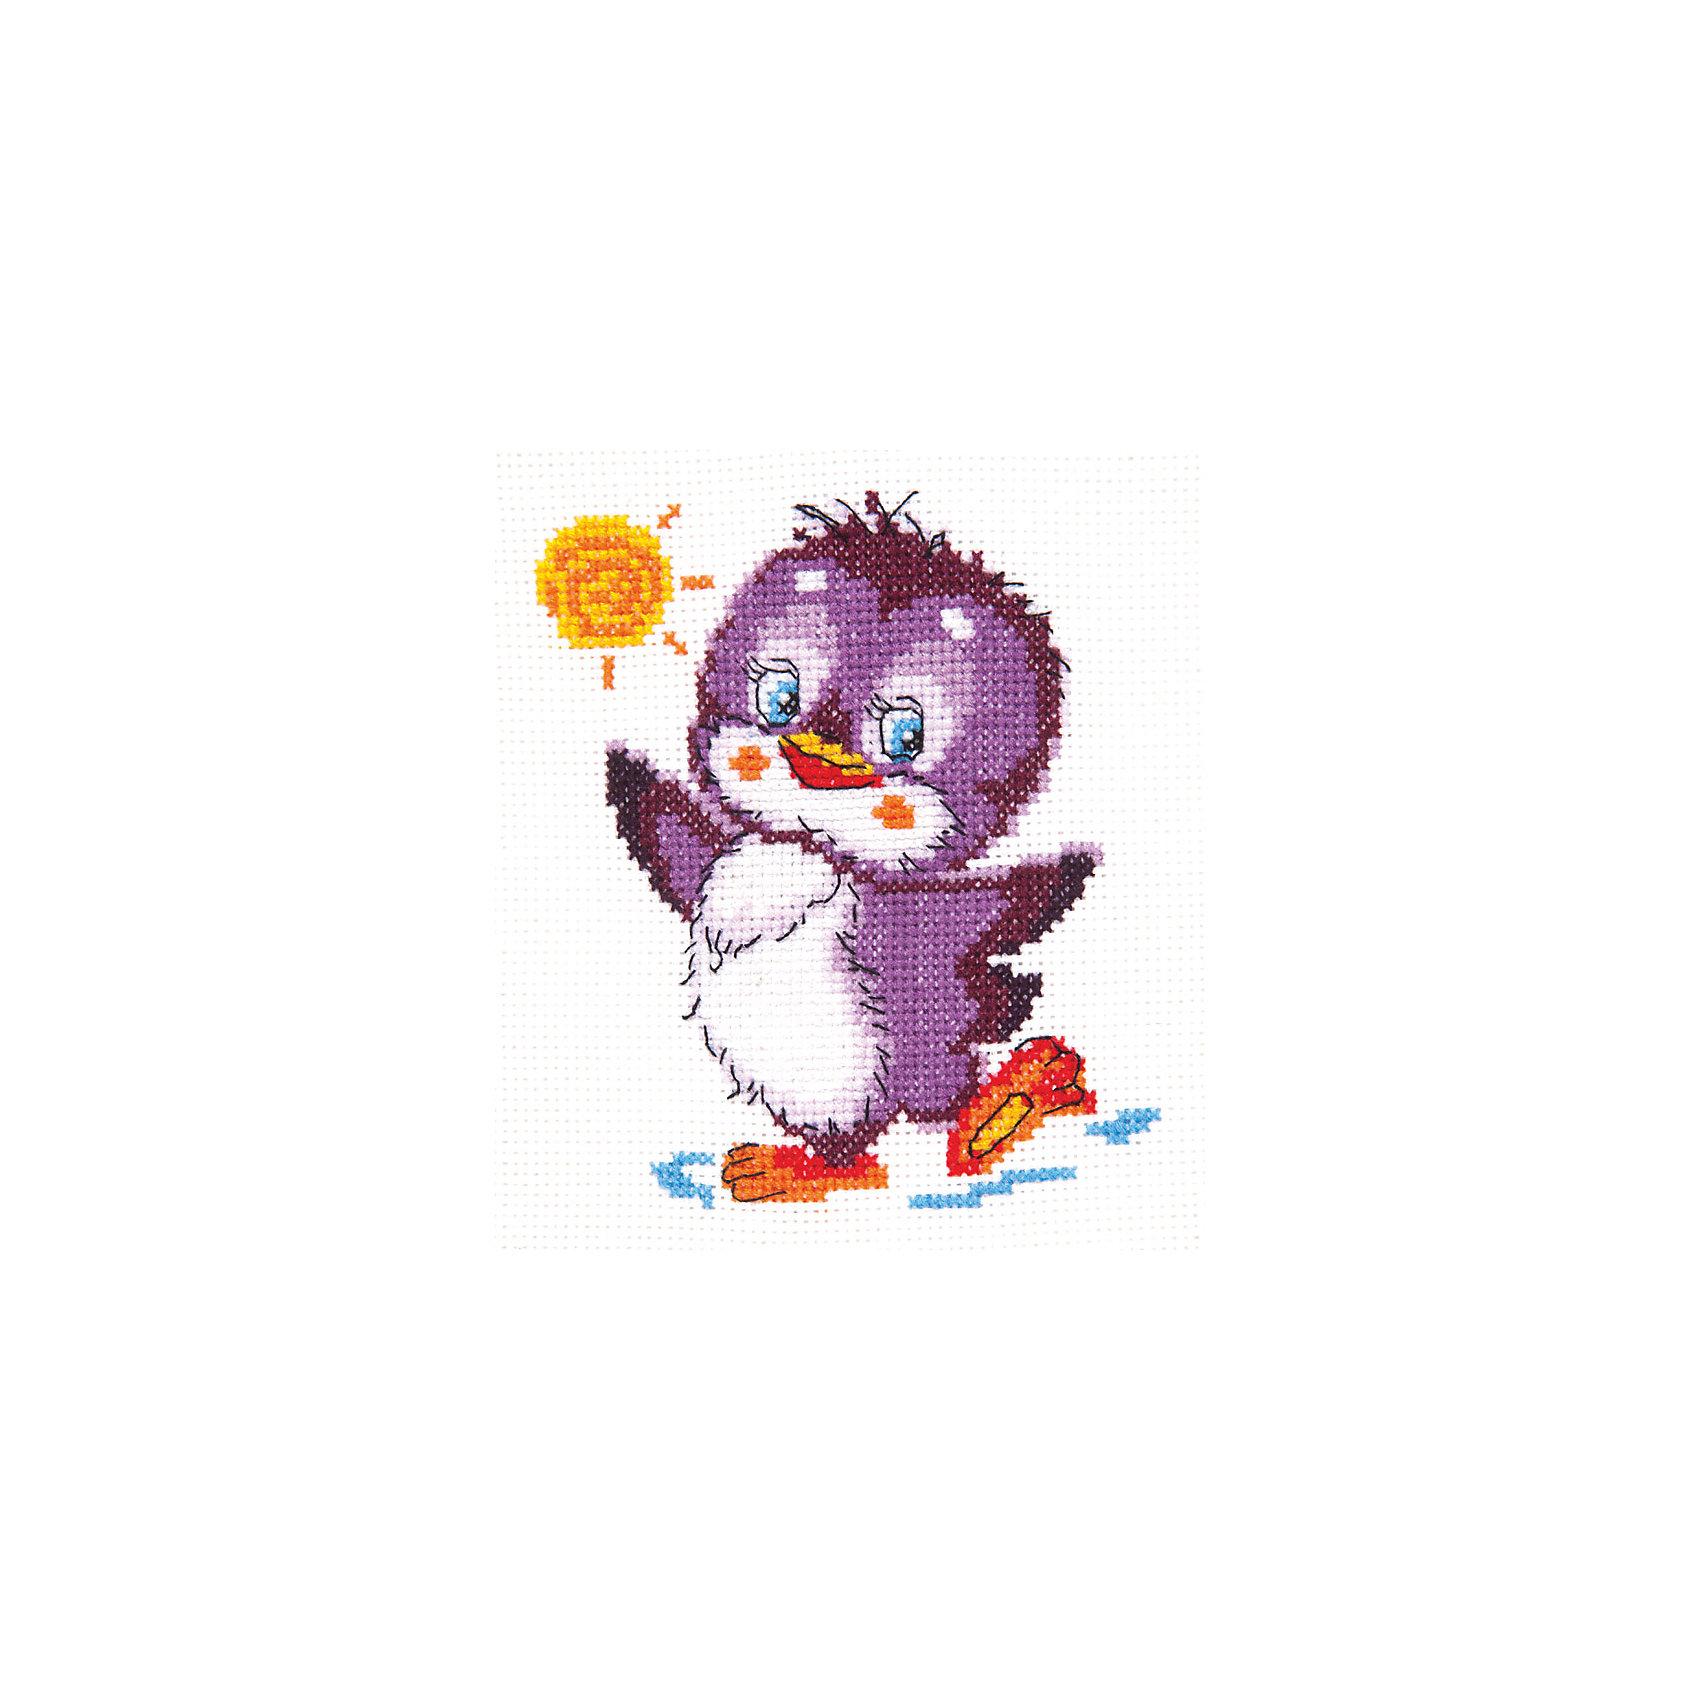 Чудесная игла Набор для вышивания крестом «Крошка пингвиненок» набор для вышивания бисером светлица пресвятая богородица семистрельная 12 см х 16 см page 10